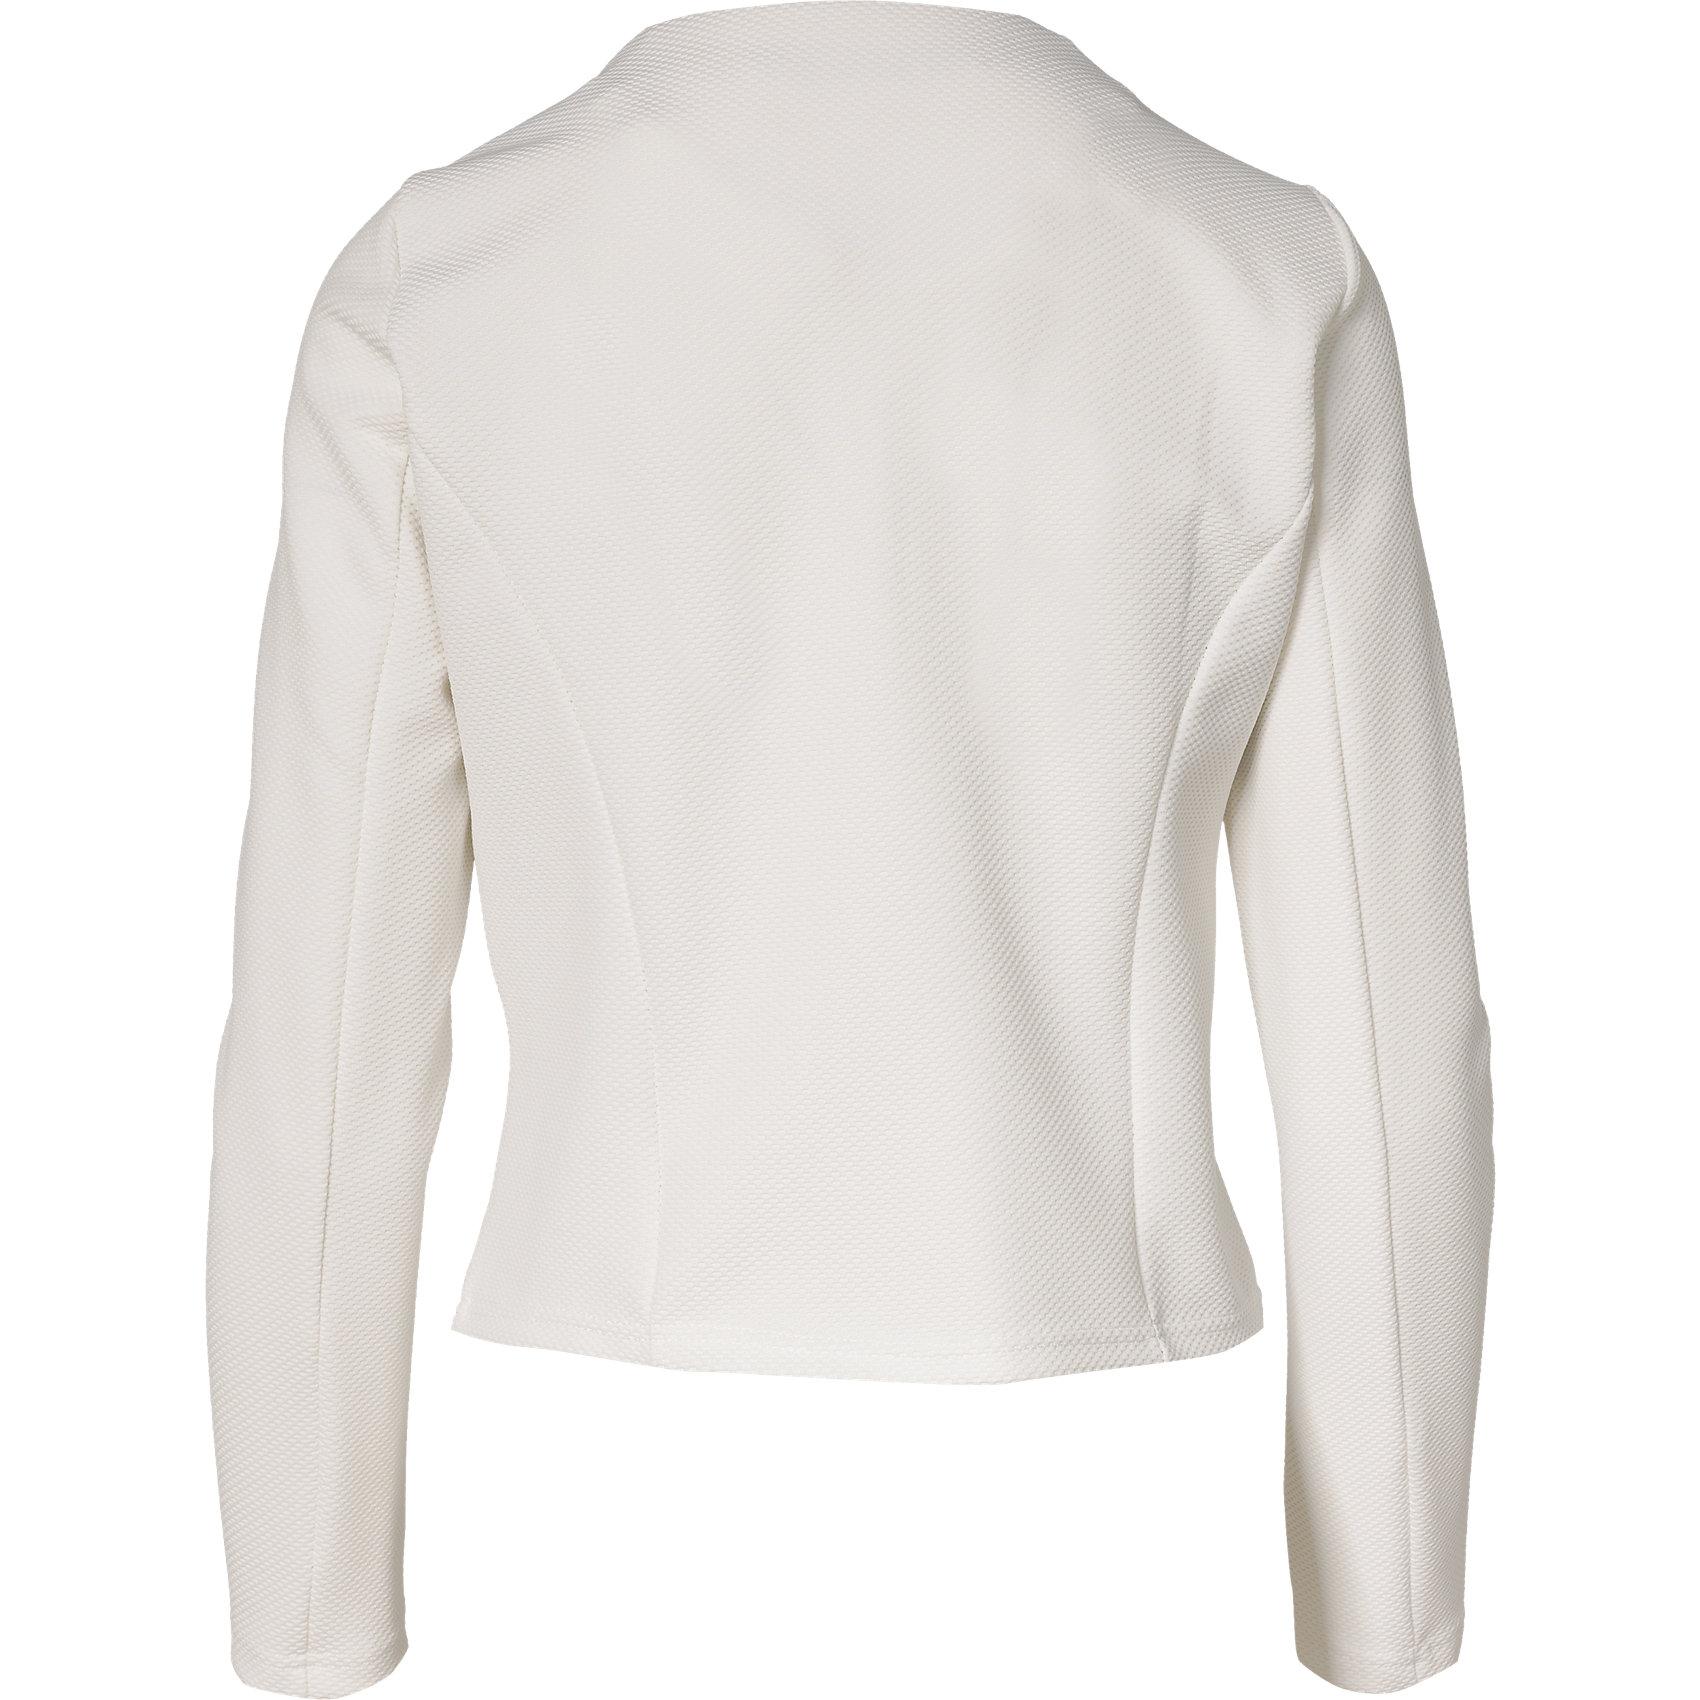 Neueste Preiswerte Online Steckdose Niedrigsten Preis Blazer weiß Vero Moda Billig Authentische Auslass Veröffentlichungstermine Online-Shop Zum Verkauf W1EZY81tUS